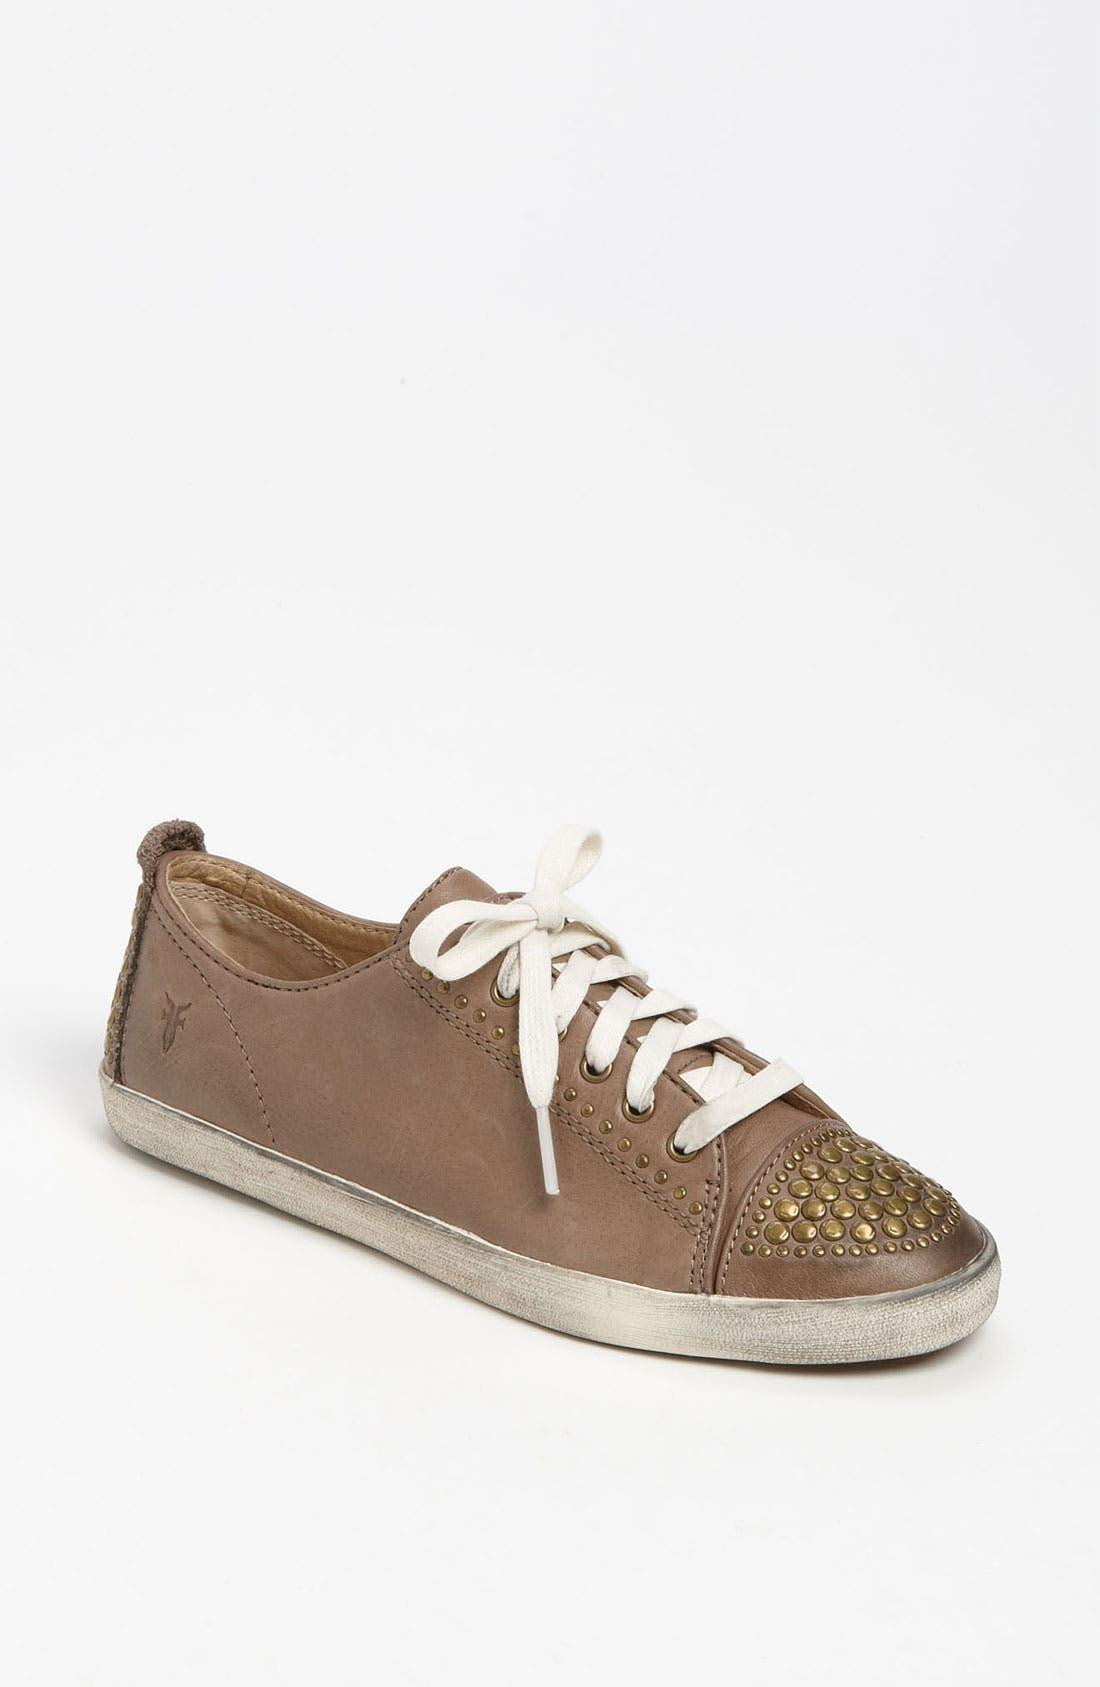 Main Image - Frye 'Kira' Sneaker